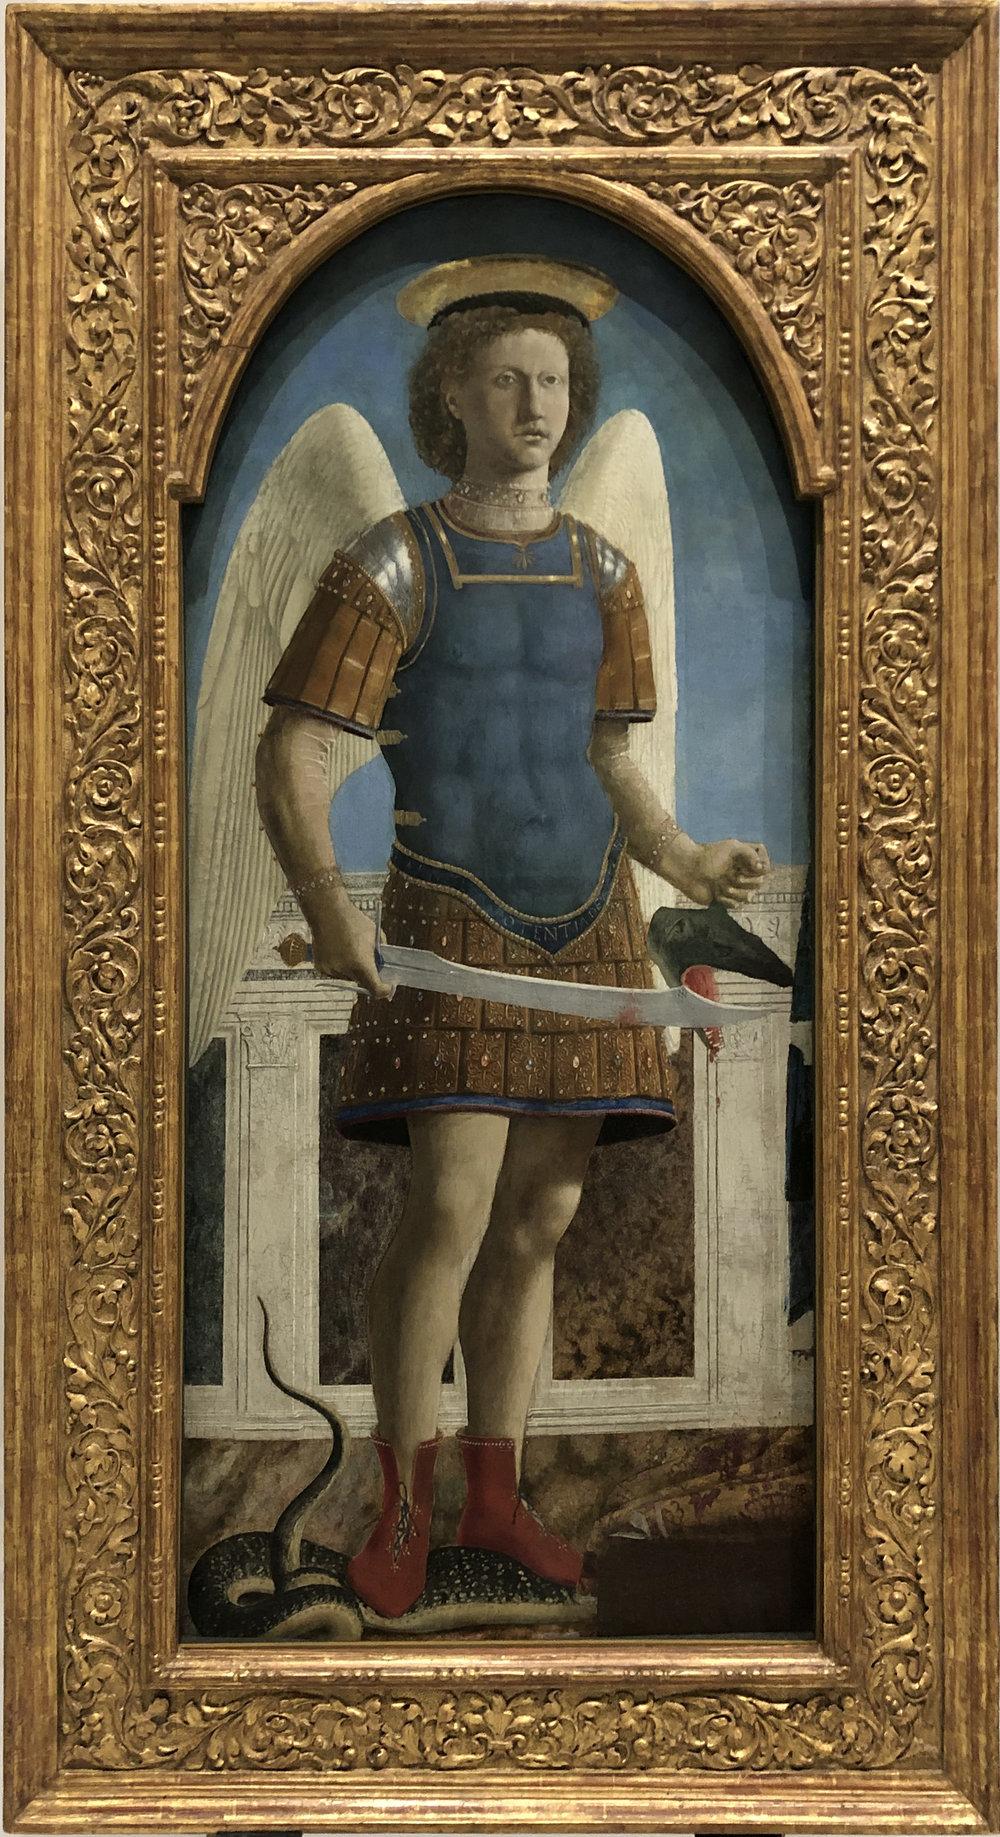 """Рис.1 Пьеро делла Франческа """"Святой Михаил"""" (створка полиптиха), 1470 г.; дерево, темпера, масло; Национальная галерея, Лондон."""